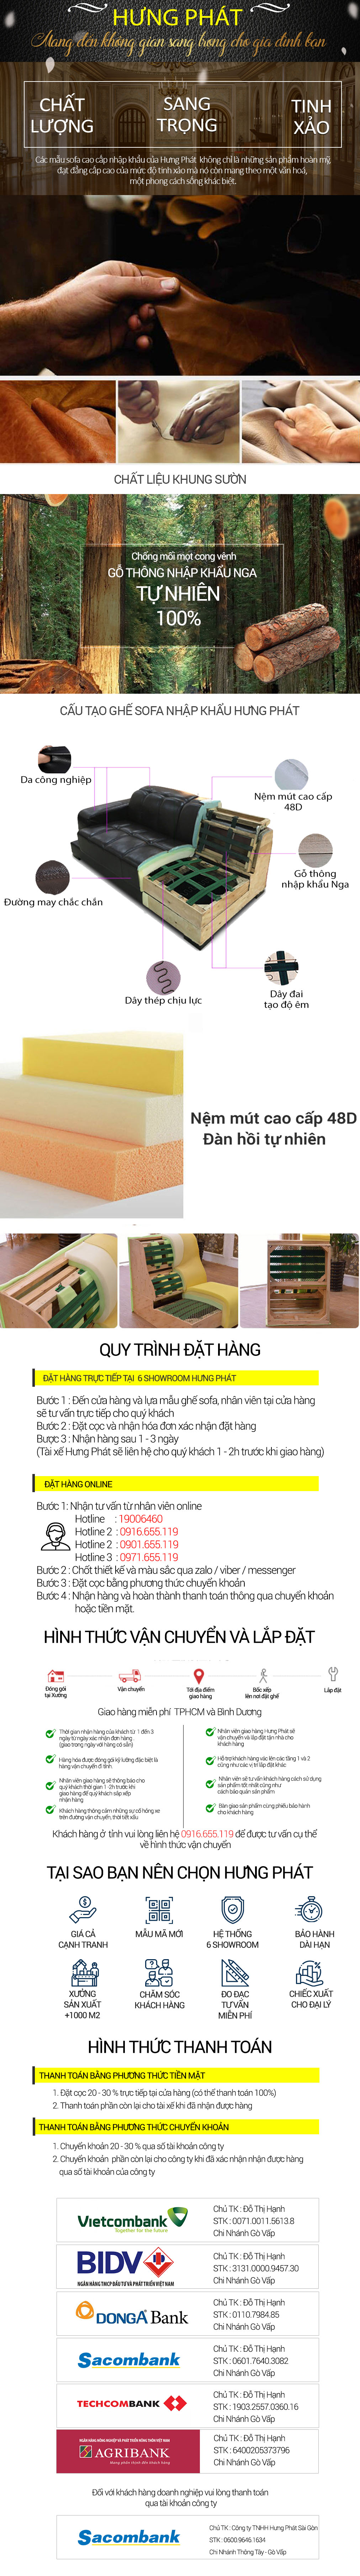 thong tin chi tiet san pham